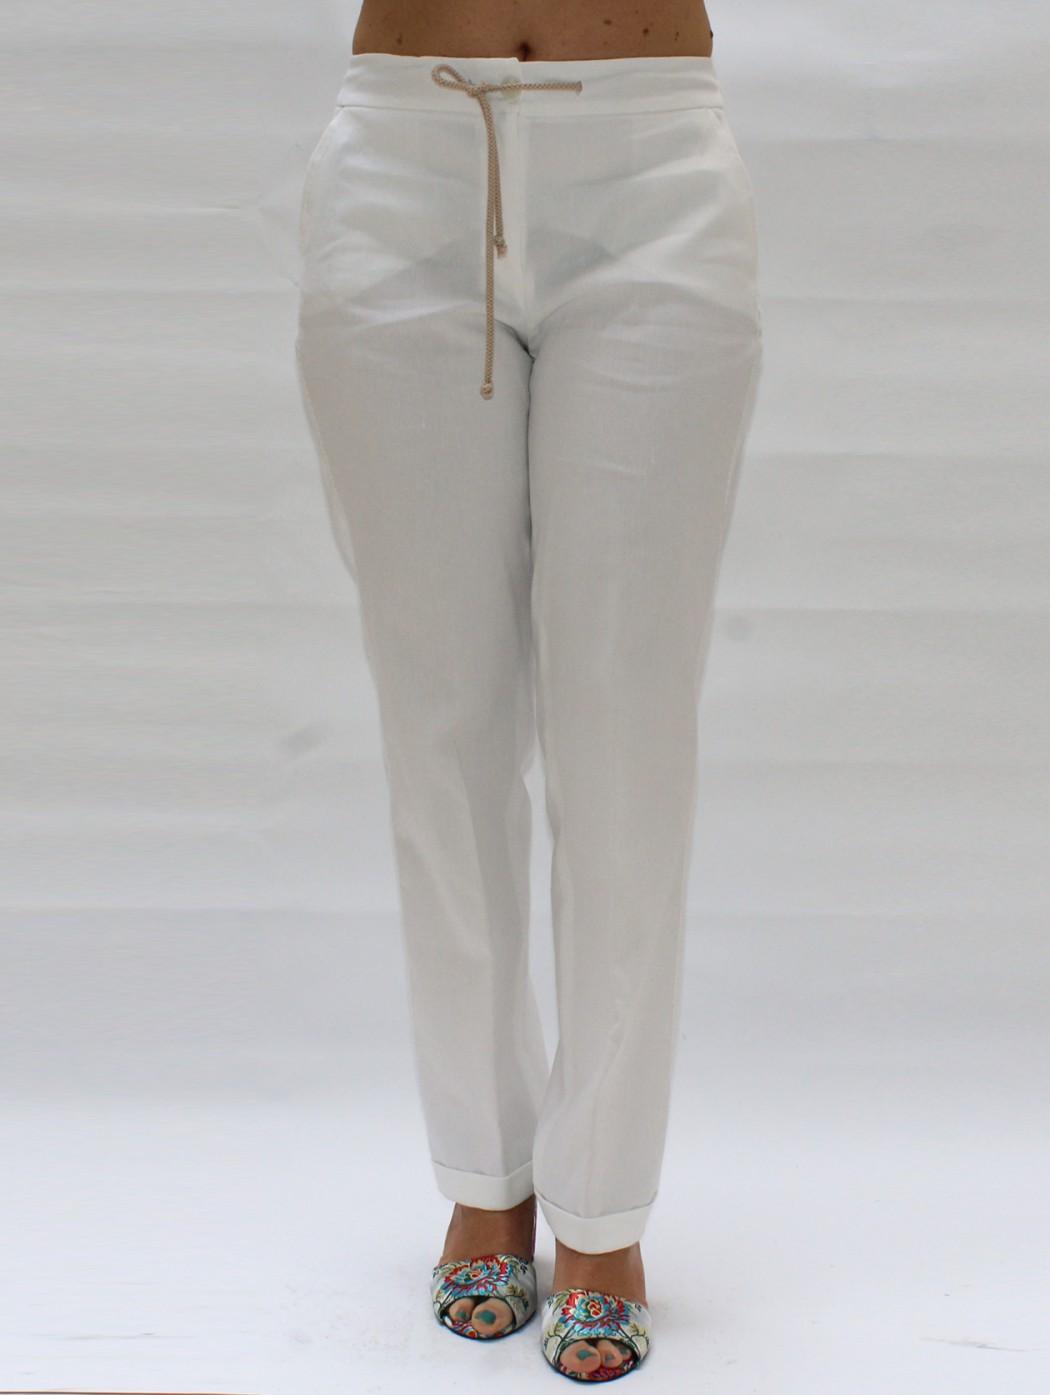 Pantaloni safari bianchi in...